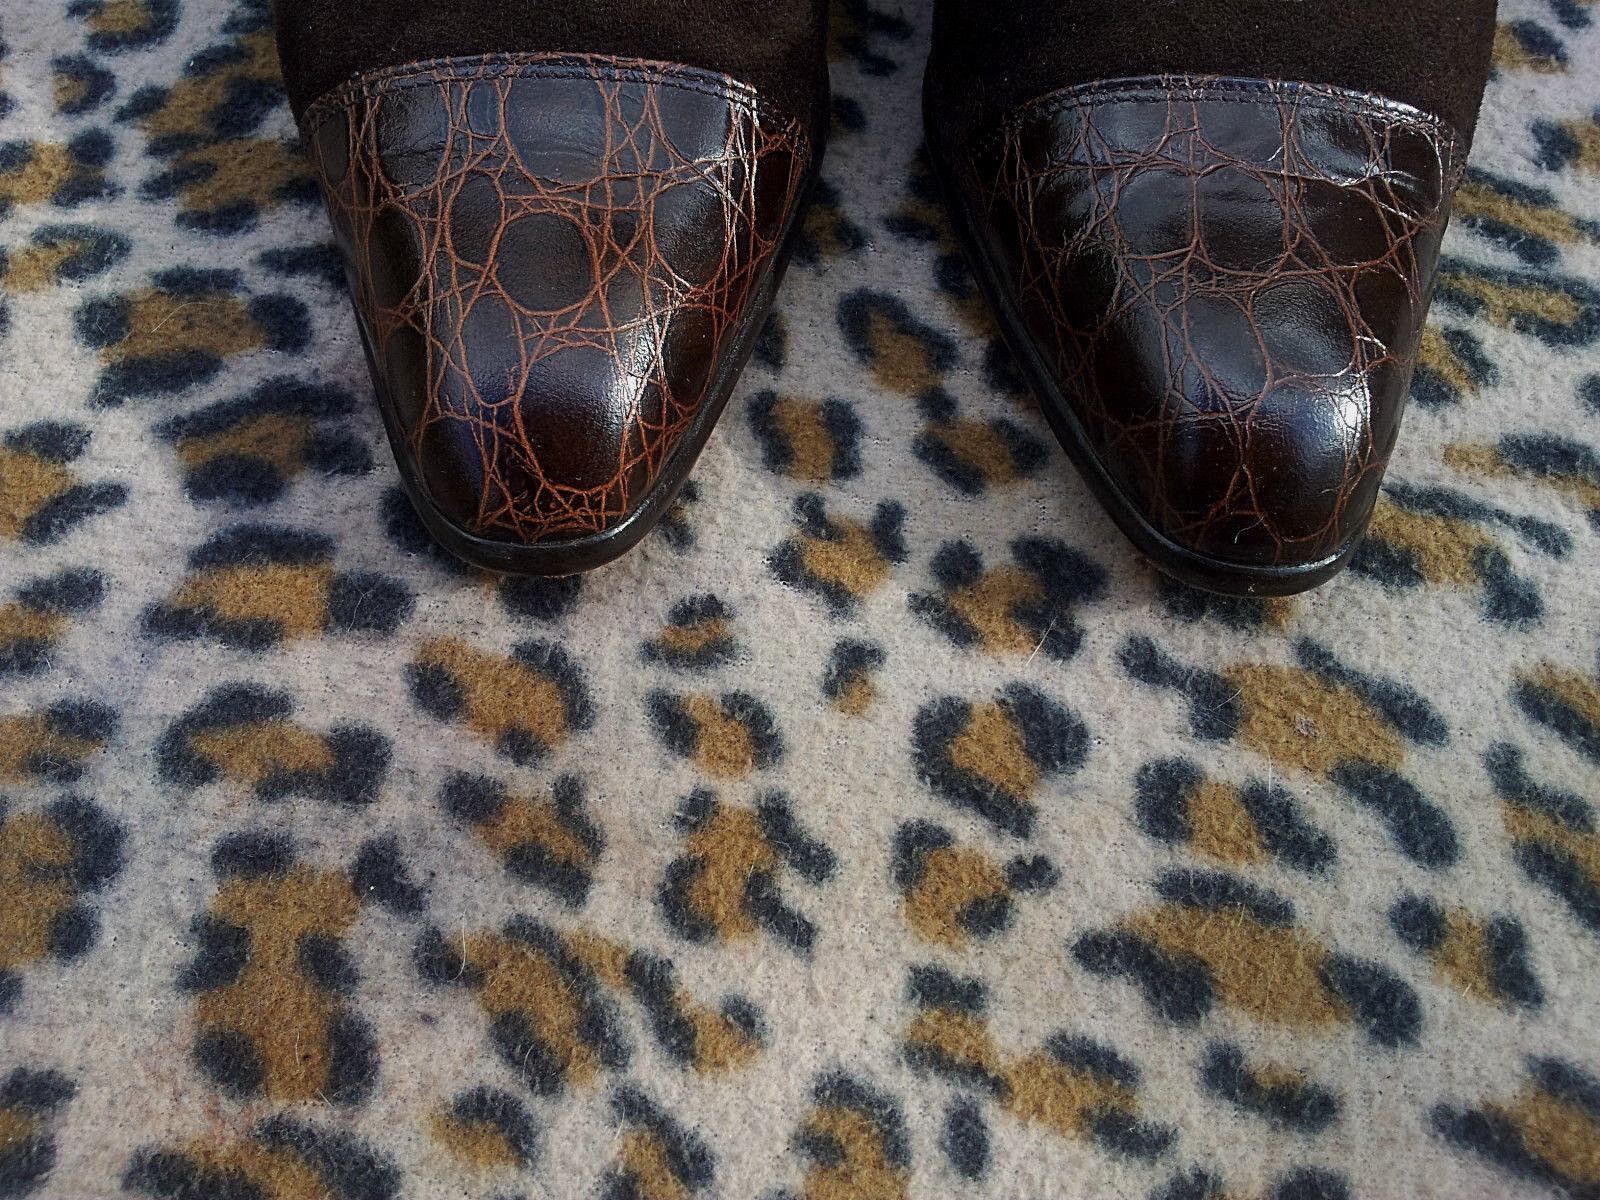 Vintage Martina braun in Suede Leather schuhe made in braun  UK Größe 6 EU 39 85bb01